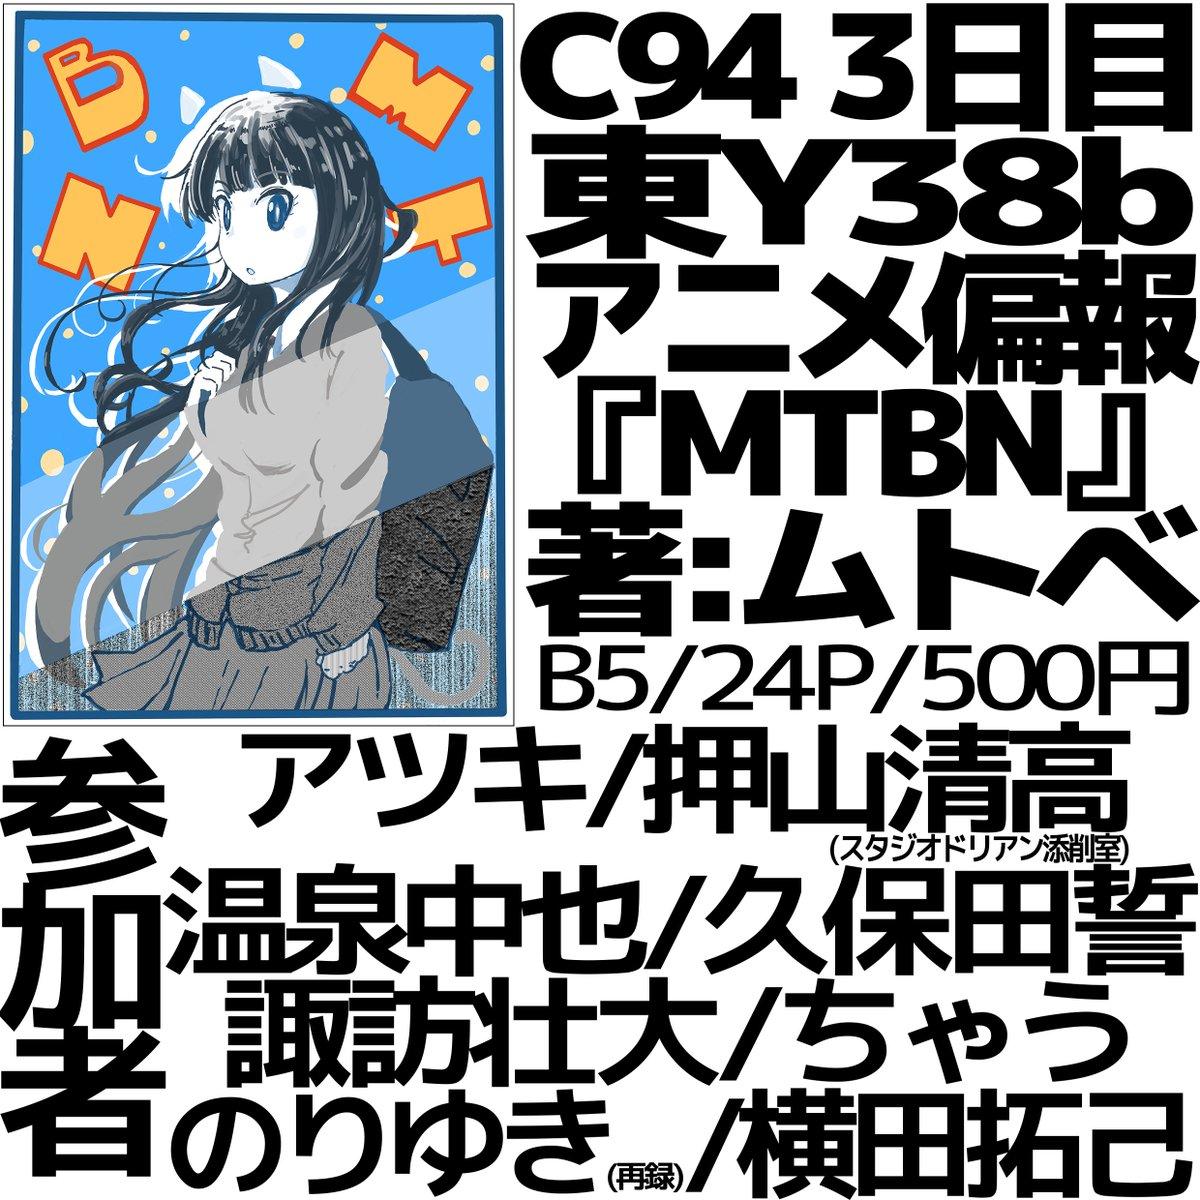 作画を語るスレ4817 YouTube動画>19本 ->画像>214枚